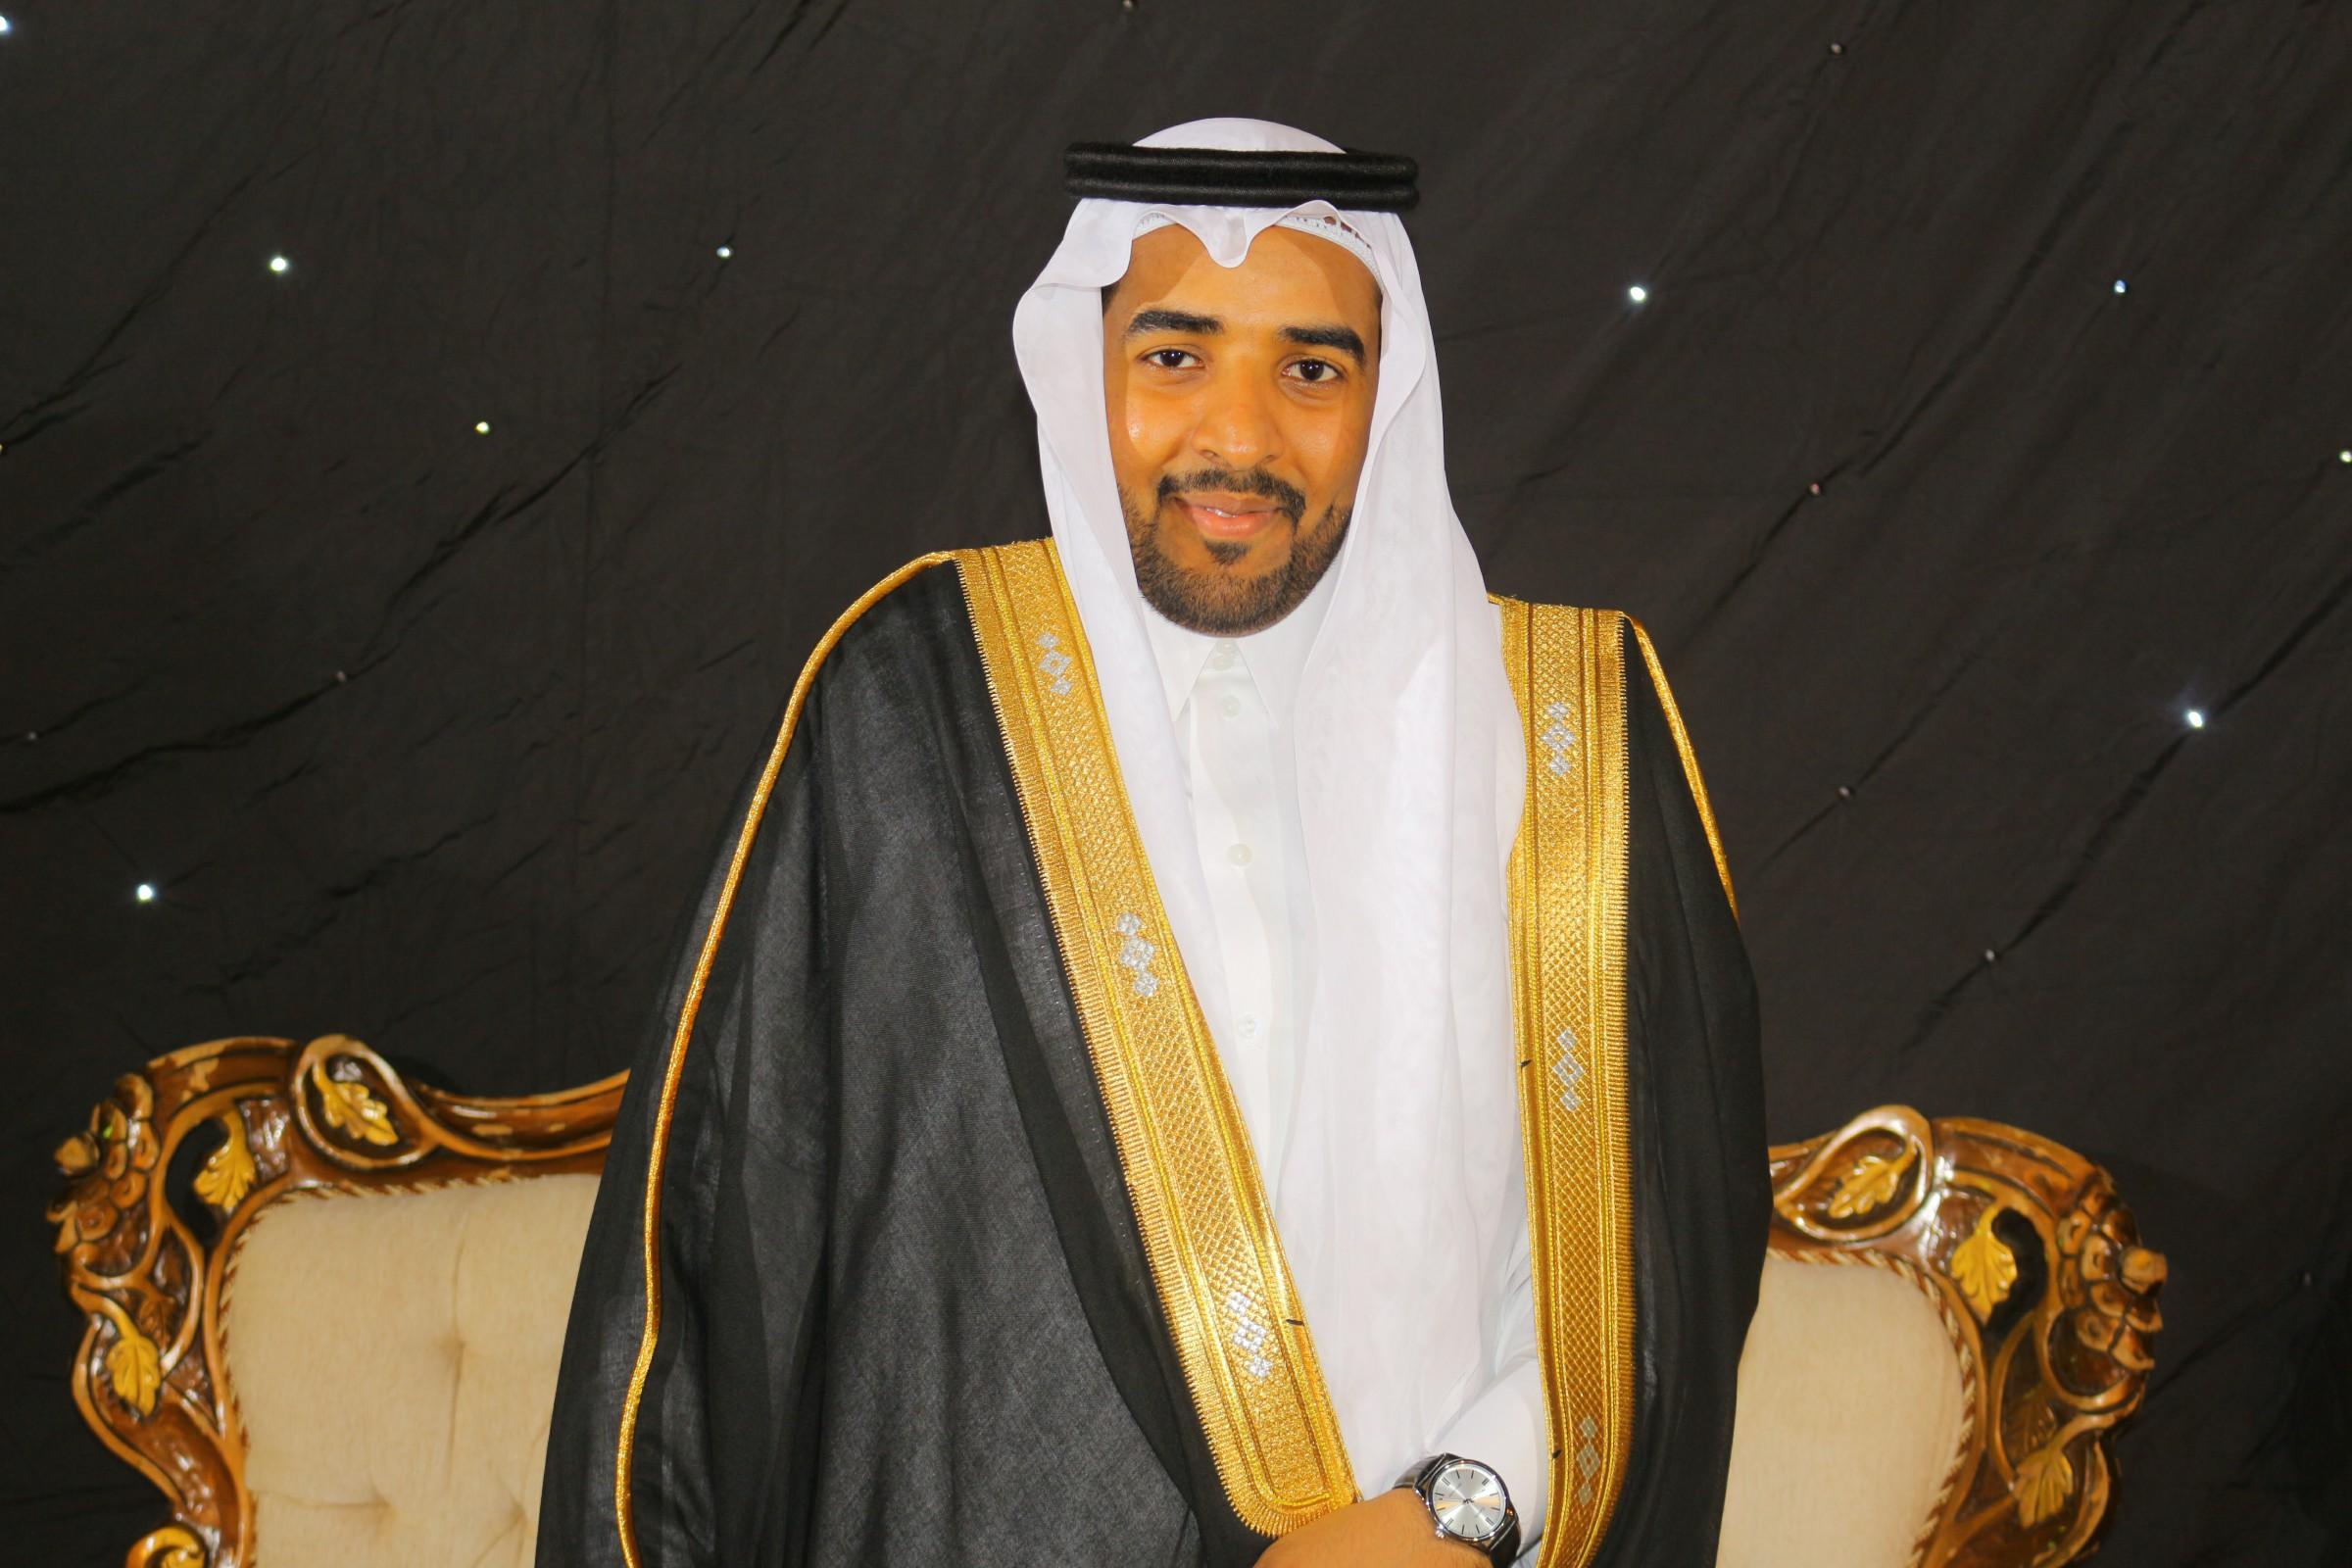 حفل زواج الشاب: أحمد ياسين الصالحي